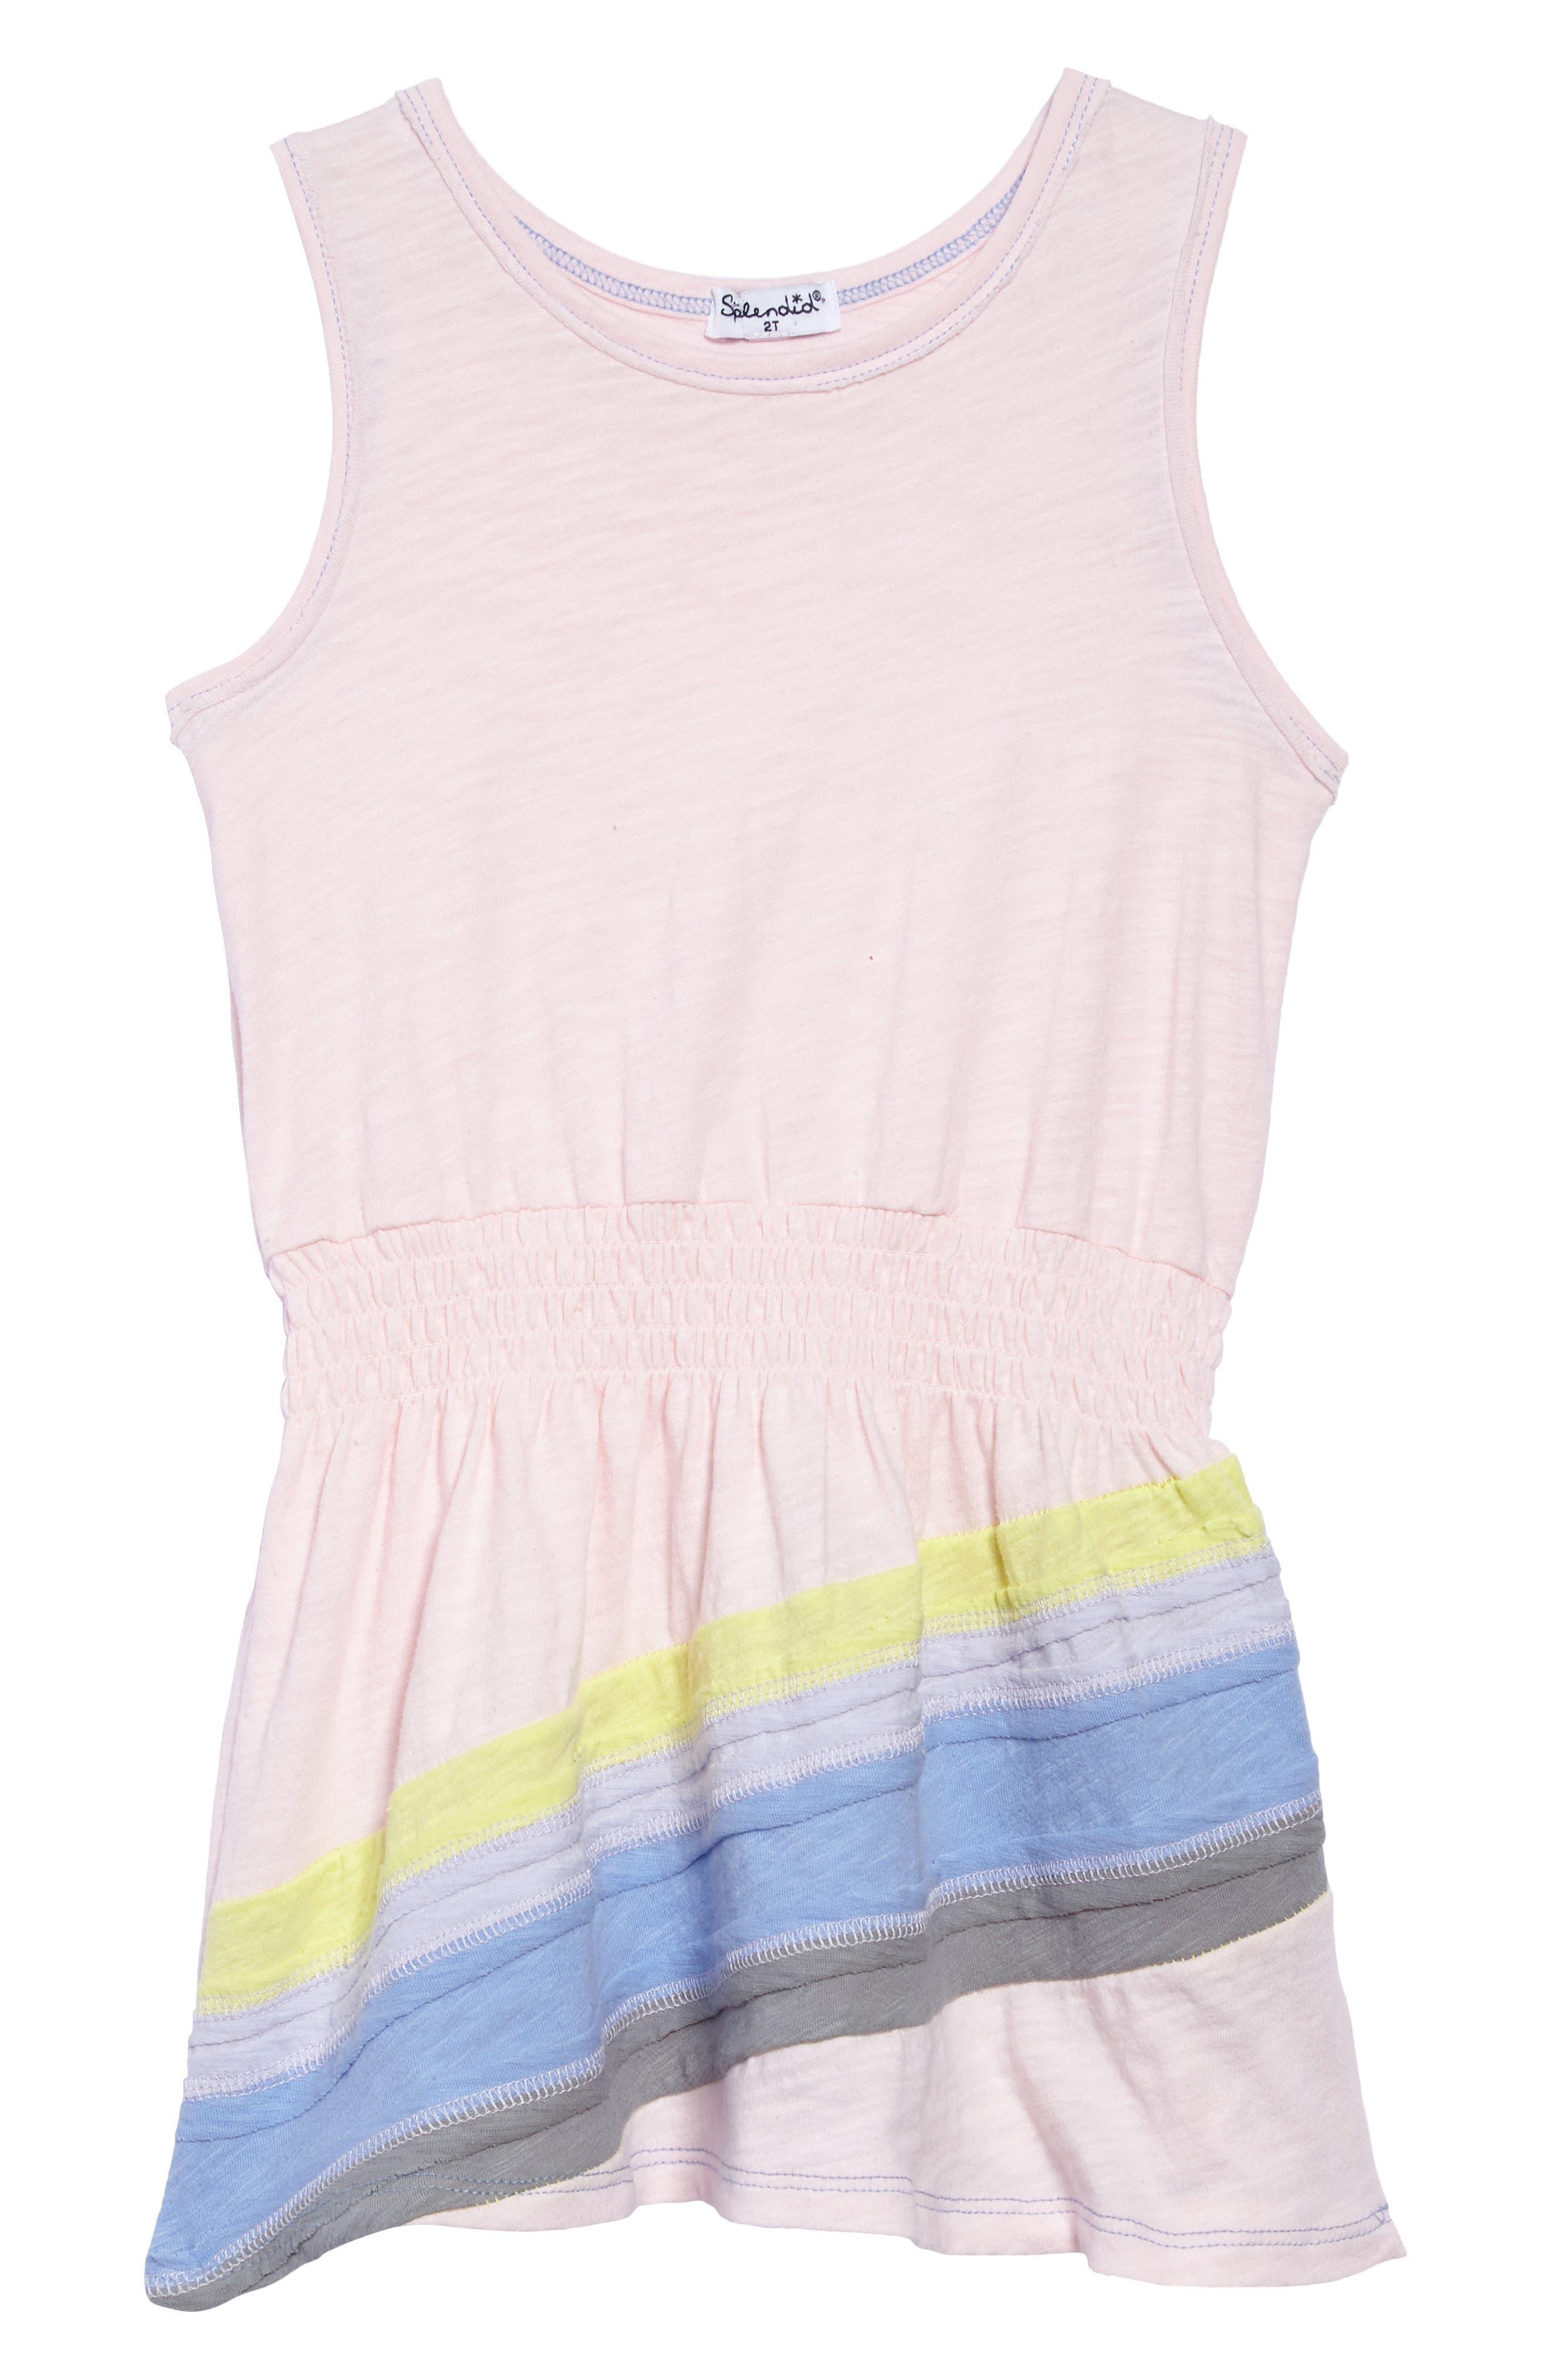 Alternate Image 1 Selected - Splendid Rainbow Stripe Tank Dress (Toddler Girls, Little Girls & Big Girls)